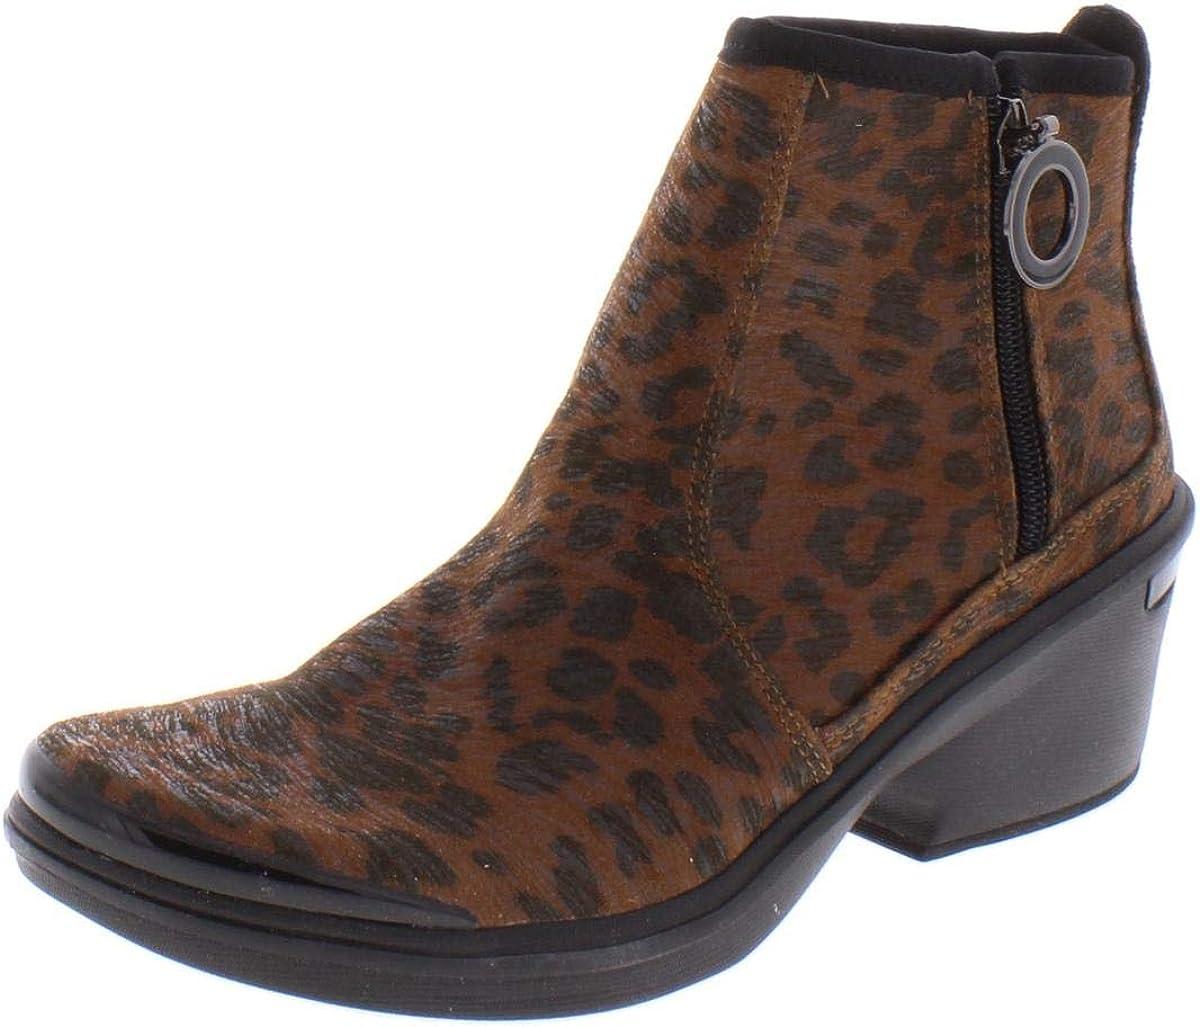 BZees Women's Tease Mid Shaft Boots Calf